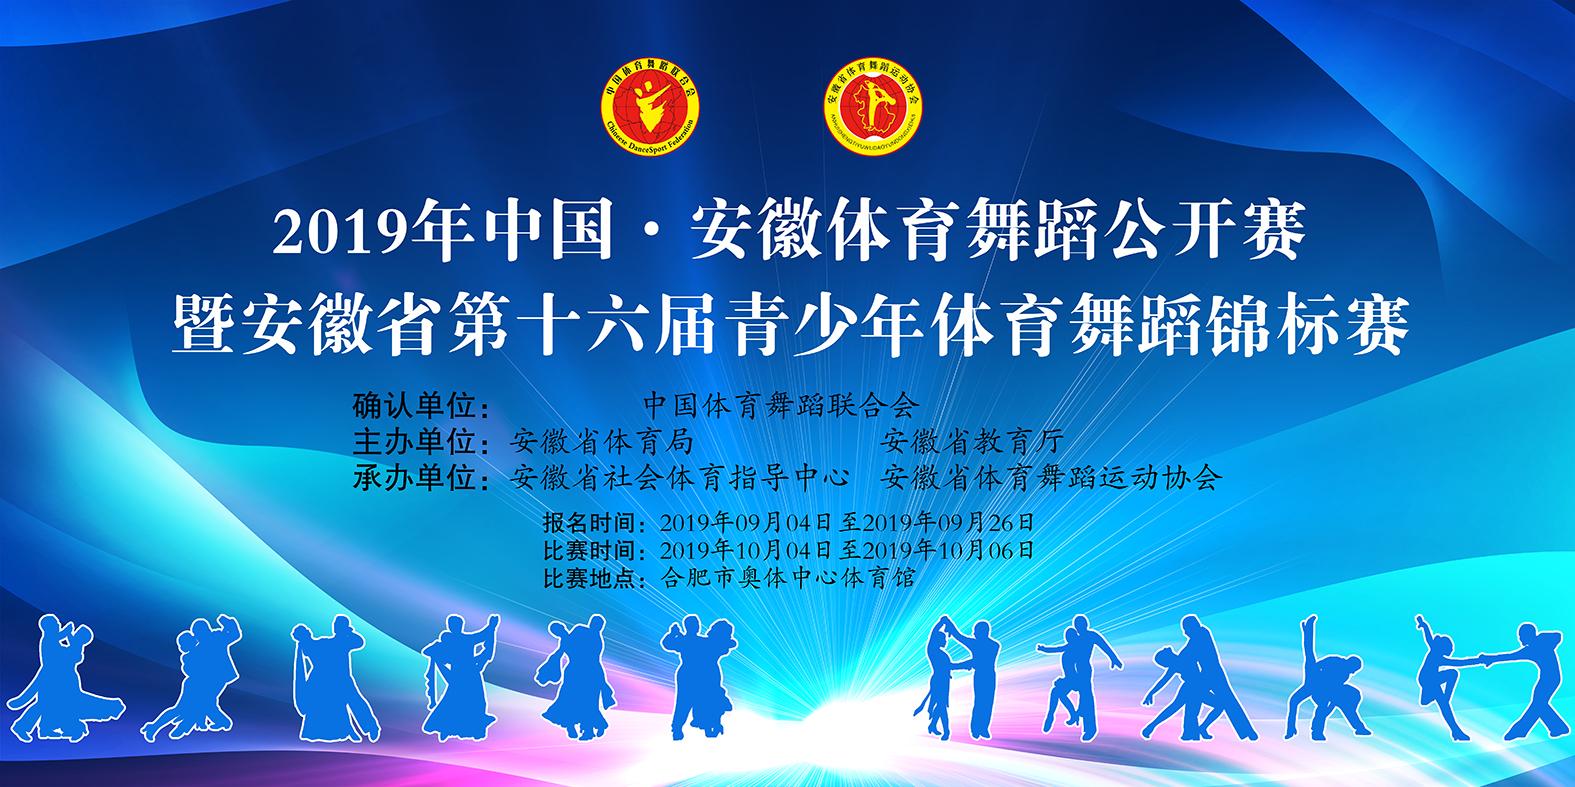 2019年中国·安徽体育舞蹈公开赛暨安徽省第十六届青少年体育舞蹈锦标赛